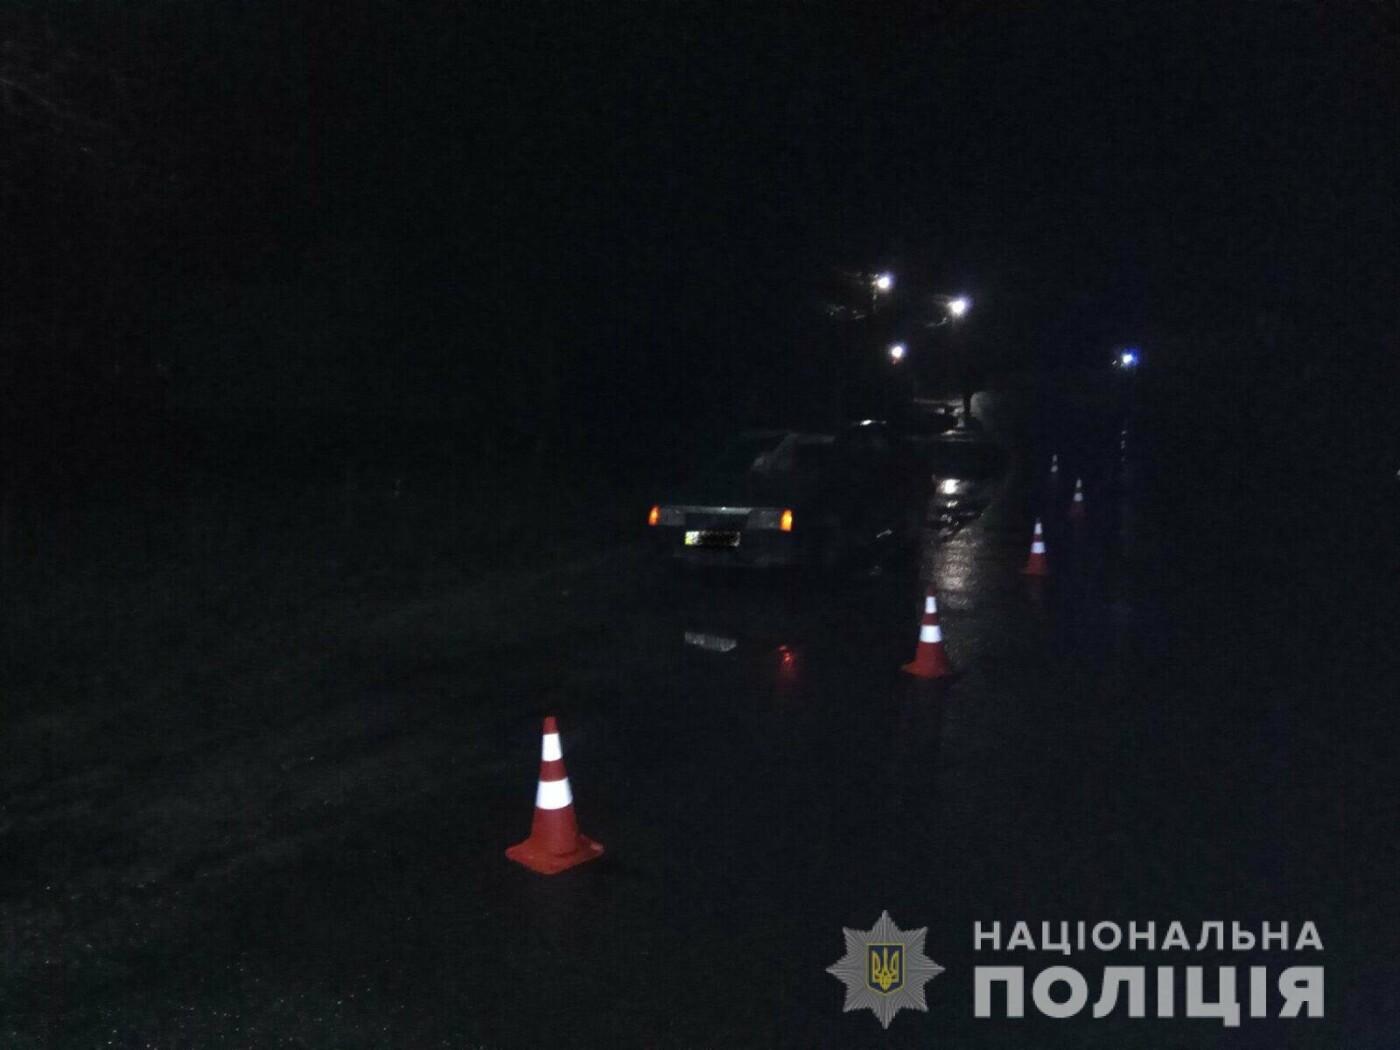 У двох ДТП на Тячівщині важкі травми отримали 73-річний велосипедист та 48-річний пішохід , фото-1